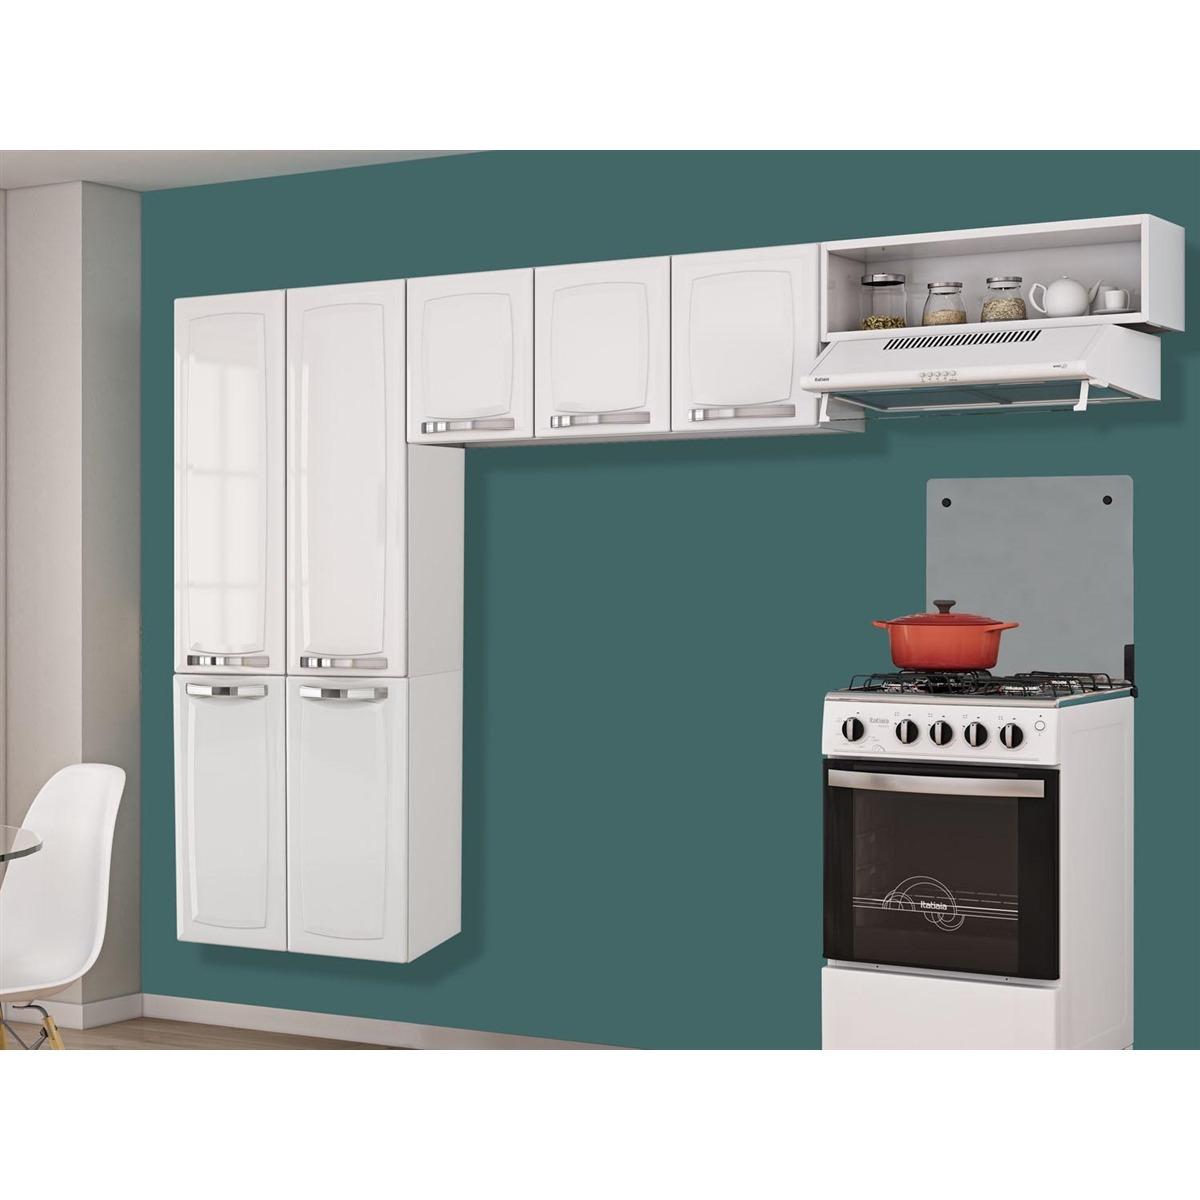 Cozinha Compacta 3 Pe As Itatiaia Rose Branco Neve R 502 95 Em